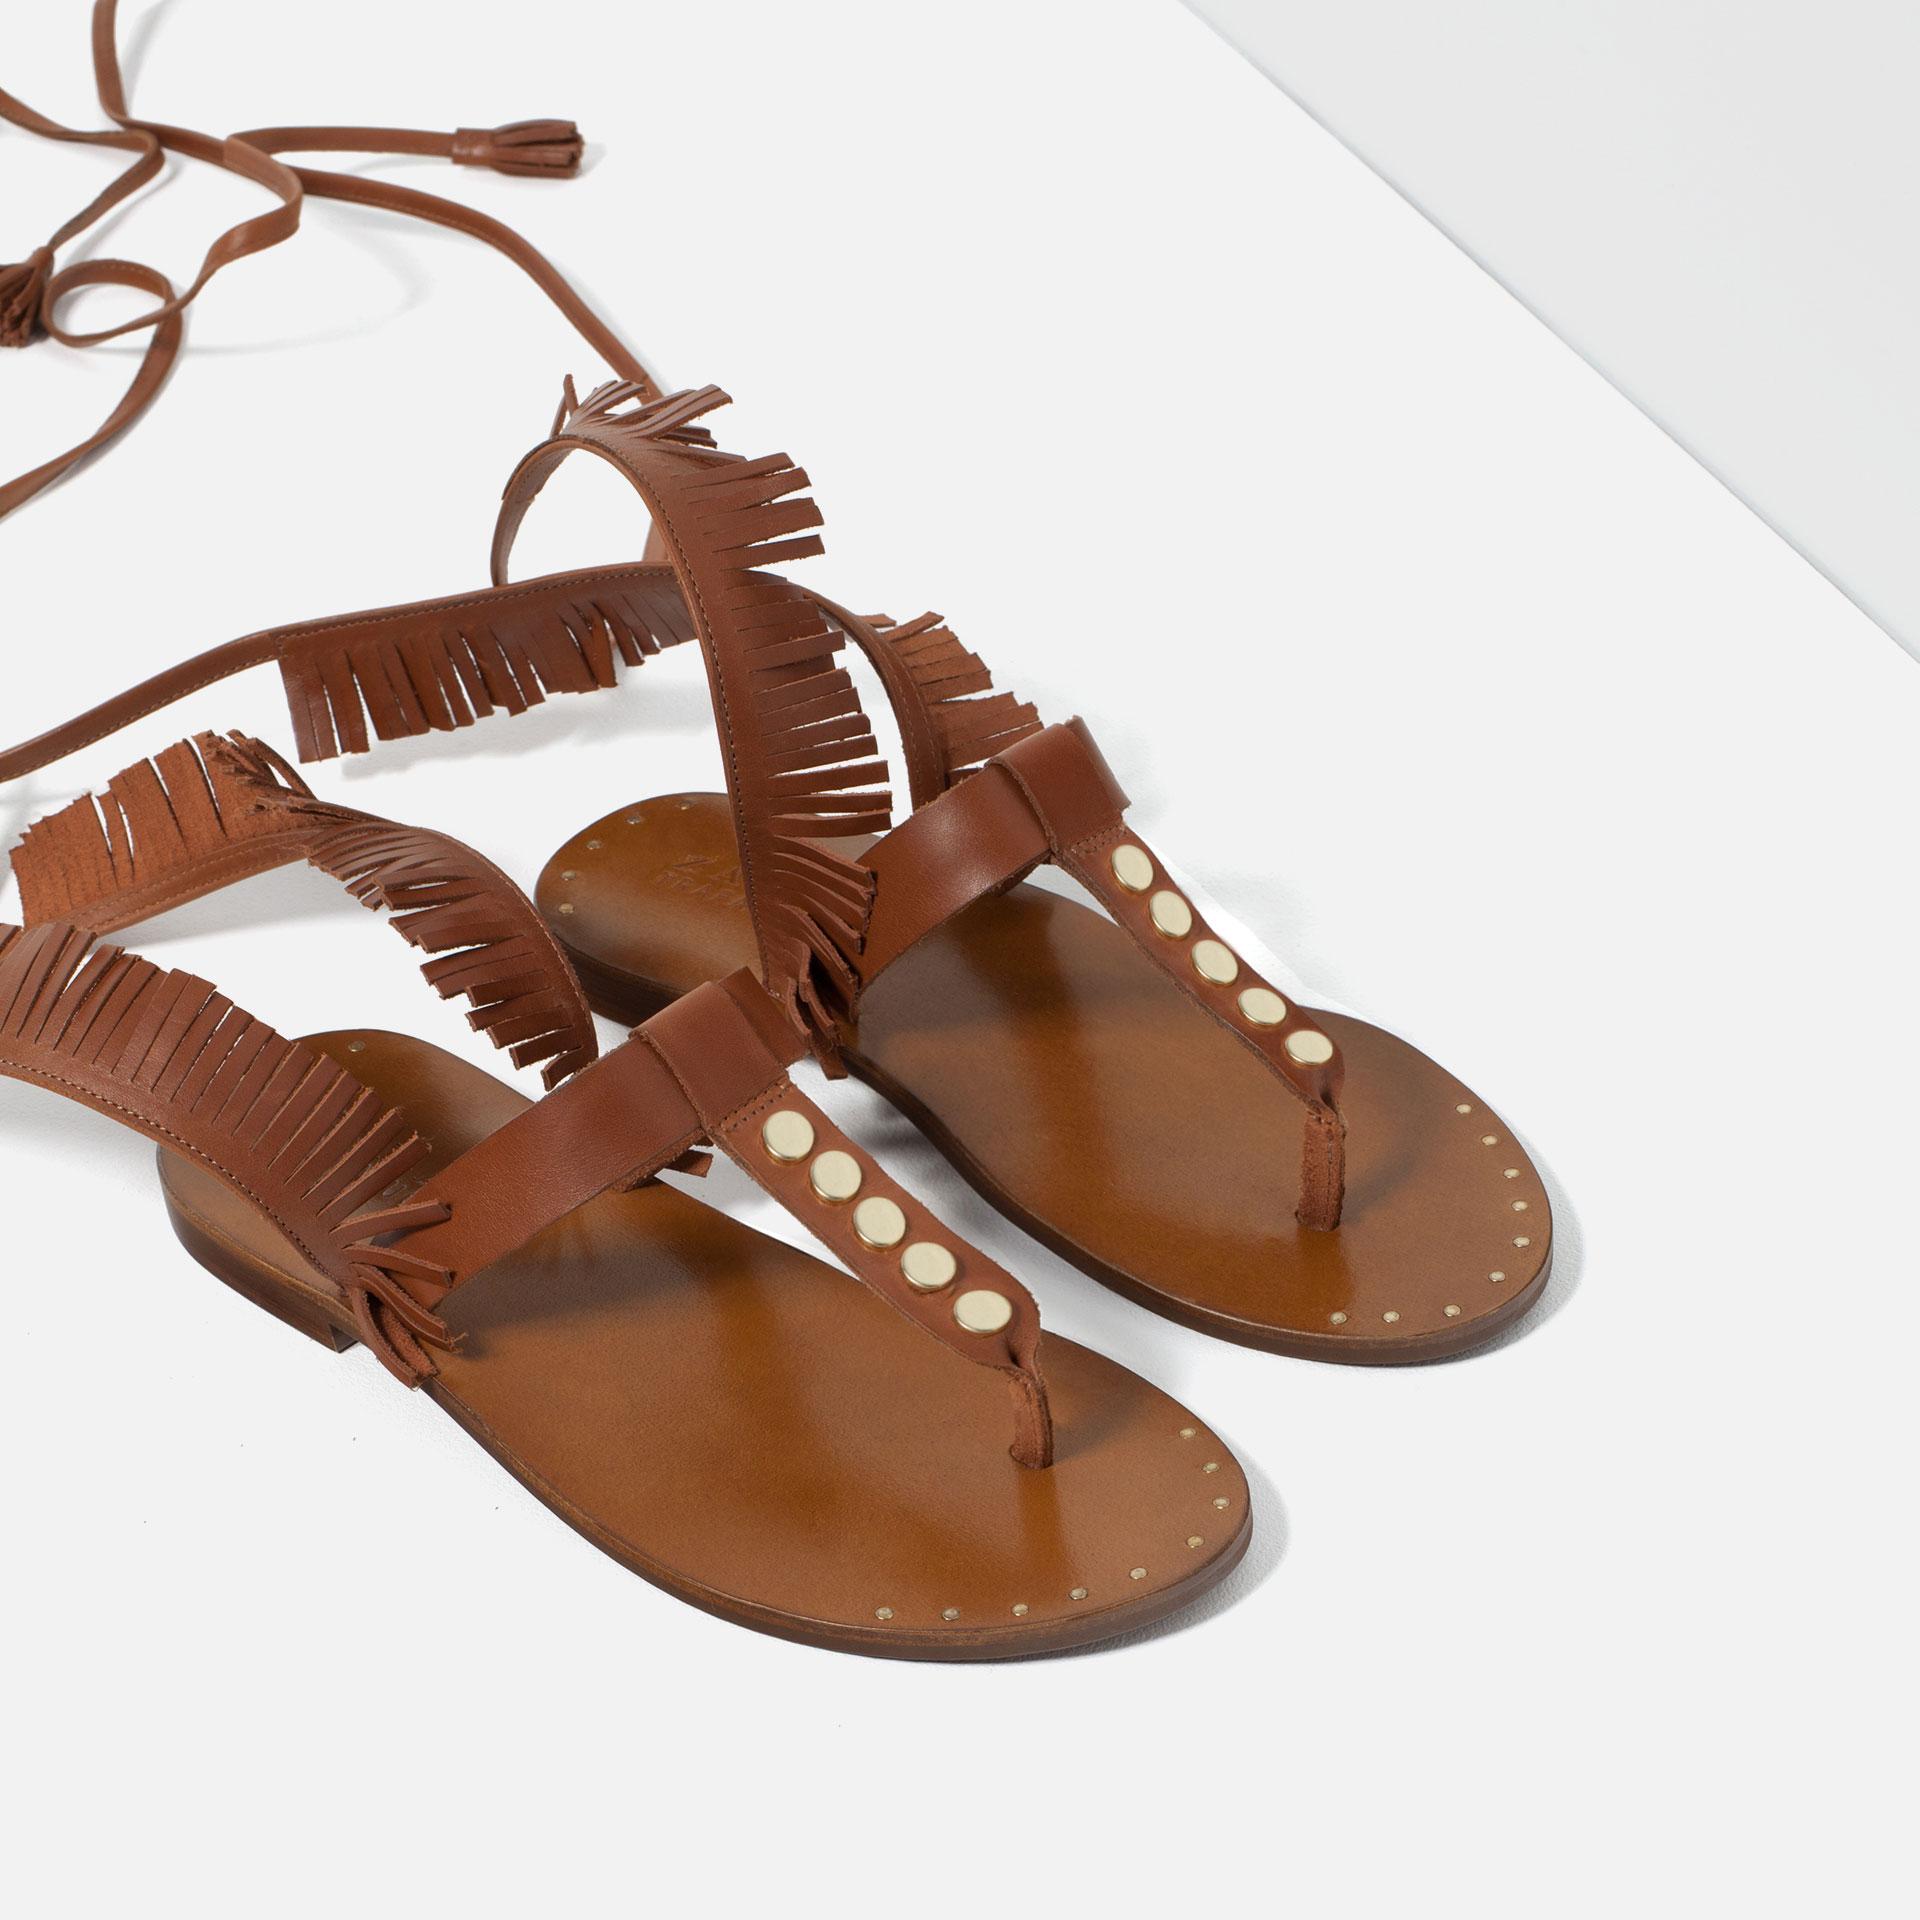 6 Farklı Tarz ile Sandaletler bohem